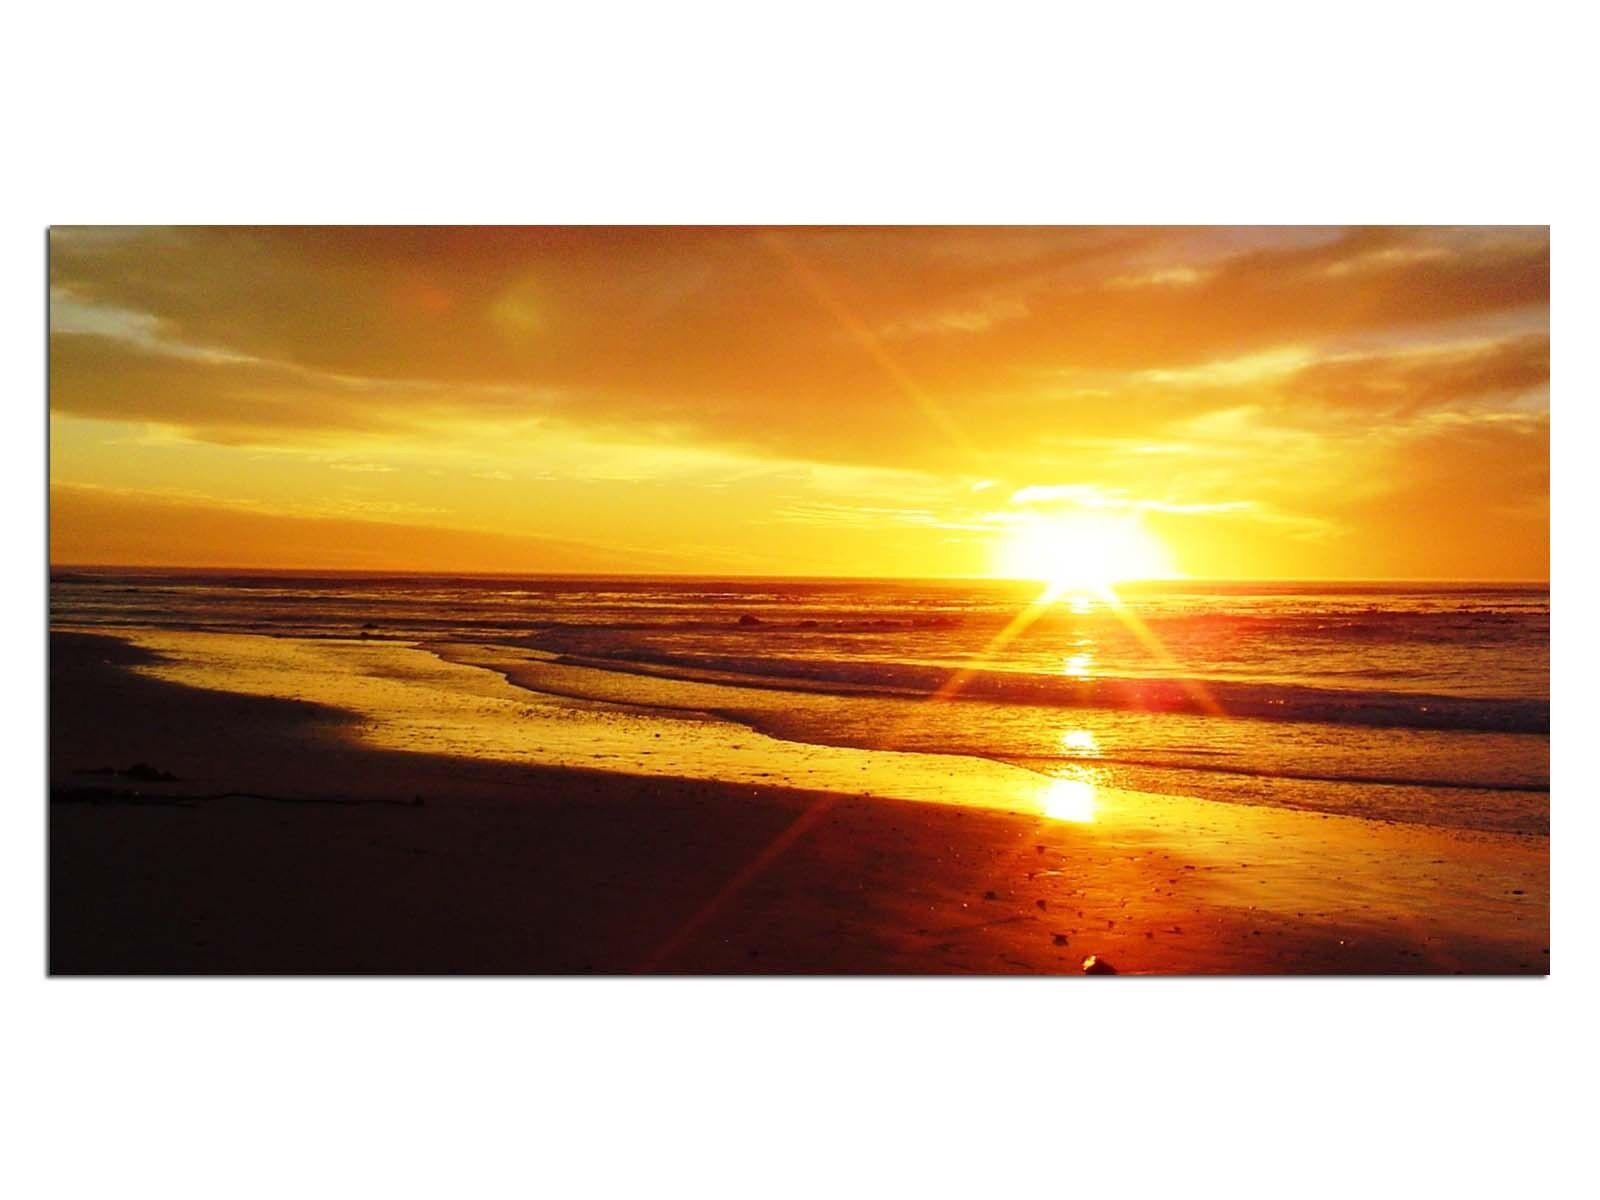 Deco De Vidrio Imagen eg4100500515 kapcity Beach naranja Tamaño 39,37  X 19,68  Hd pri